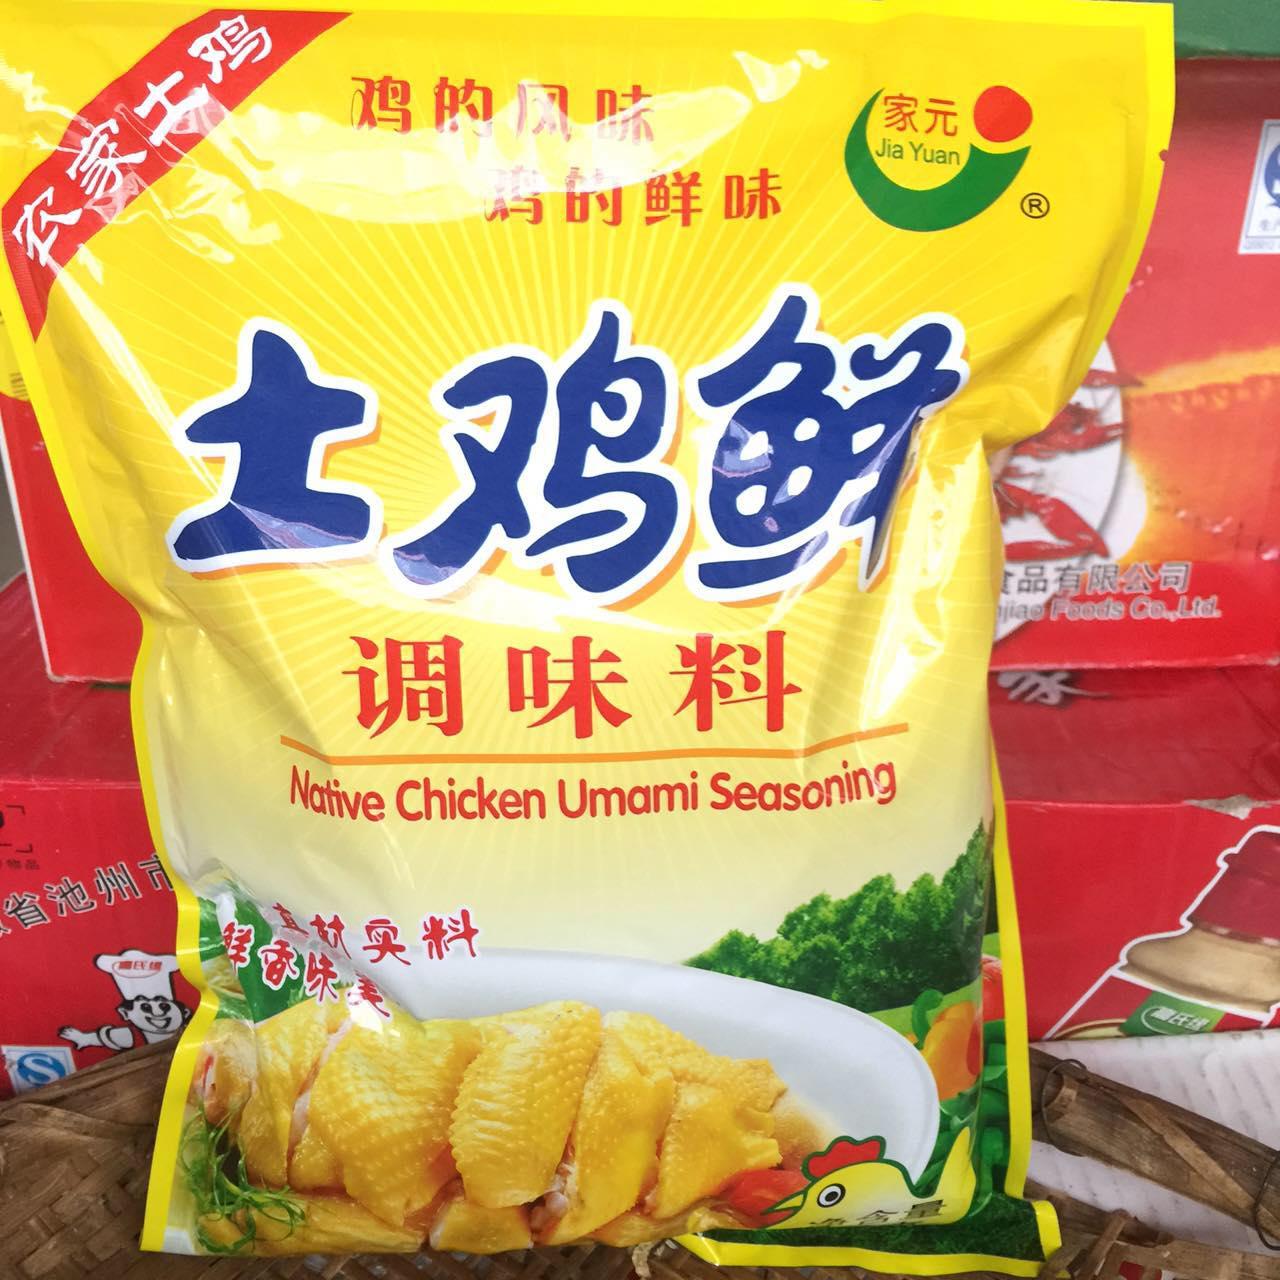 安徽土鸡鲜精1000g调味料农家鲜浓香土鸡肉粉煲汤加鲜味精3袋包邮